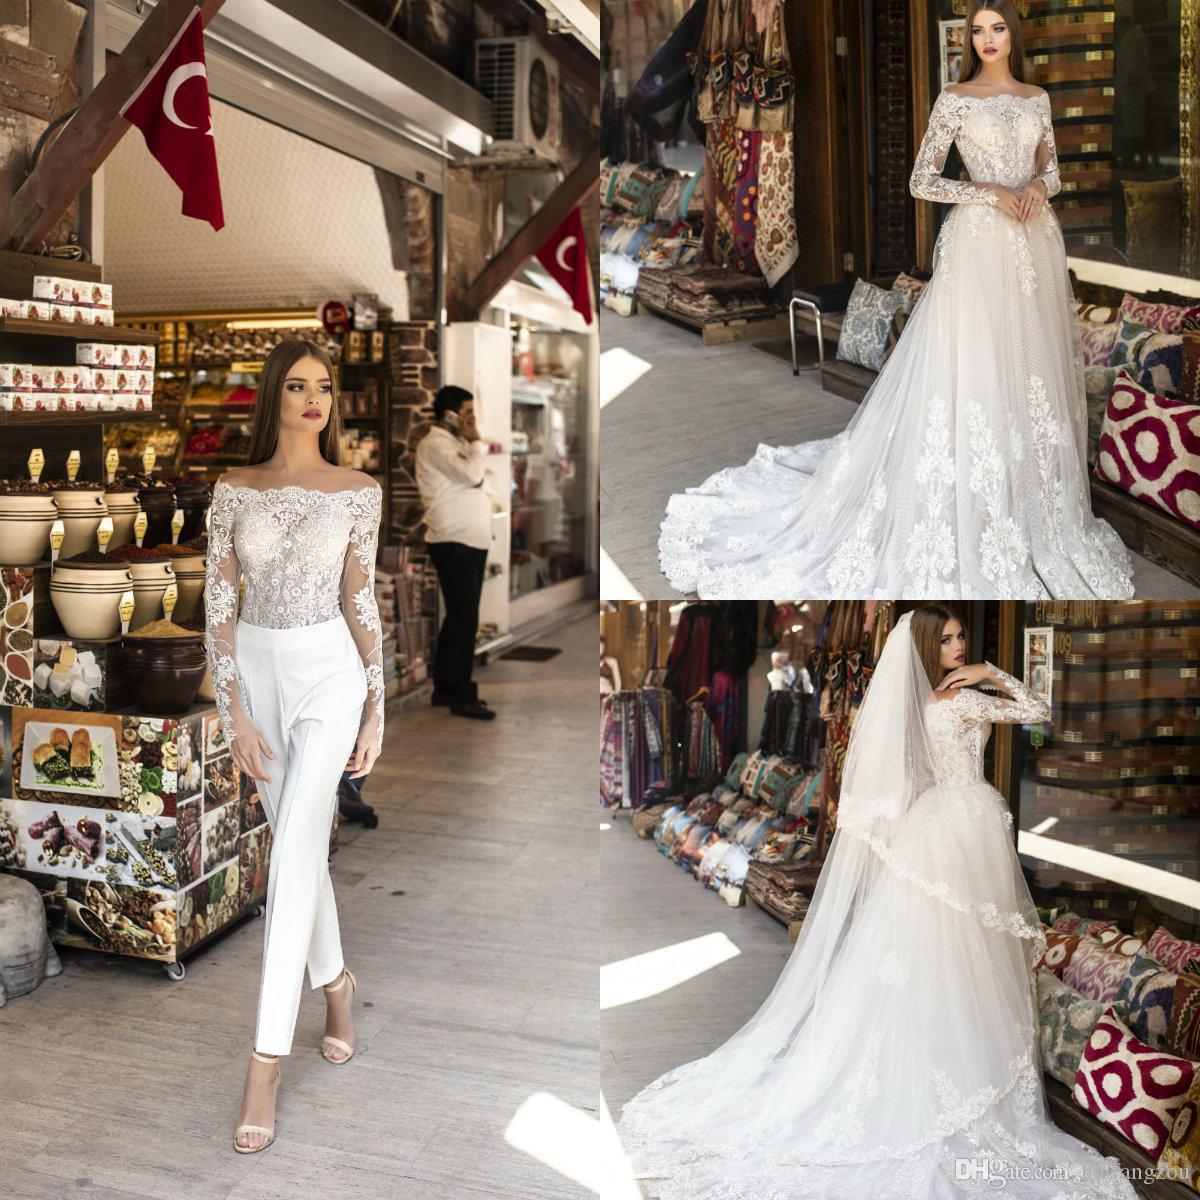 Mono de boda elegante 2020 con sobrefaldas desmontables Vestido de novia de playa de tren de barrido de línea Apliques de encaje Batas largas baratas de Mariée